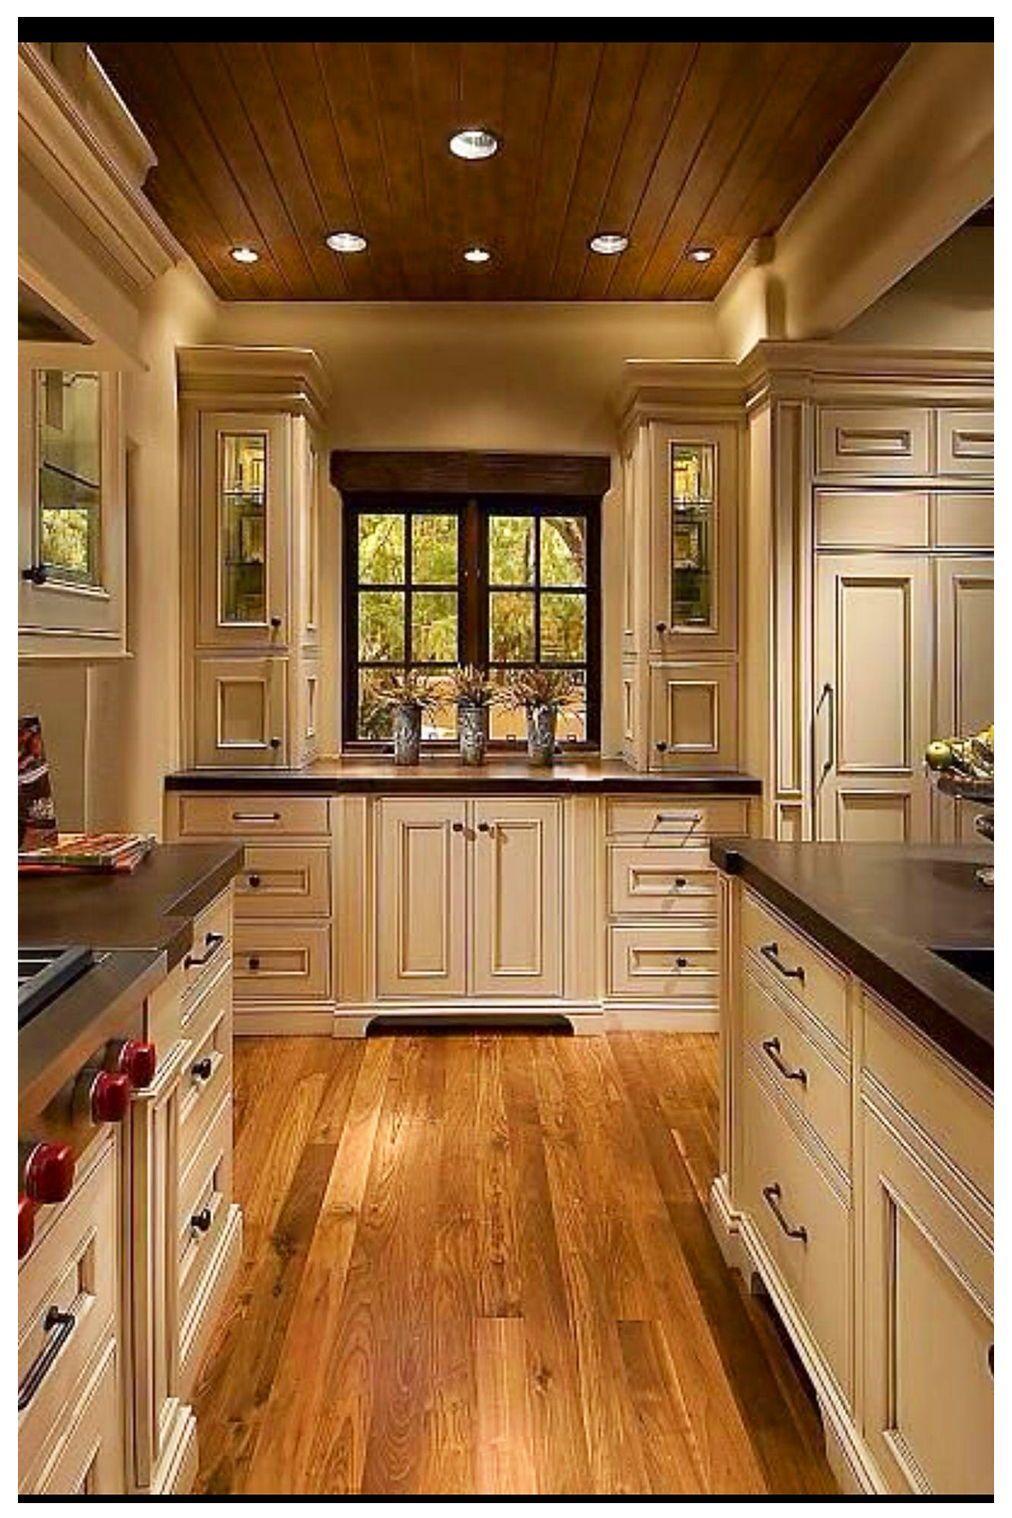 20 Artsy Mediterranean Kitchen Design Photos Ideas In 2020 Kitchen Remodel Sweet Home Kitchen Design